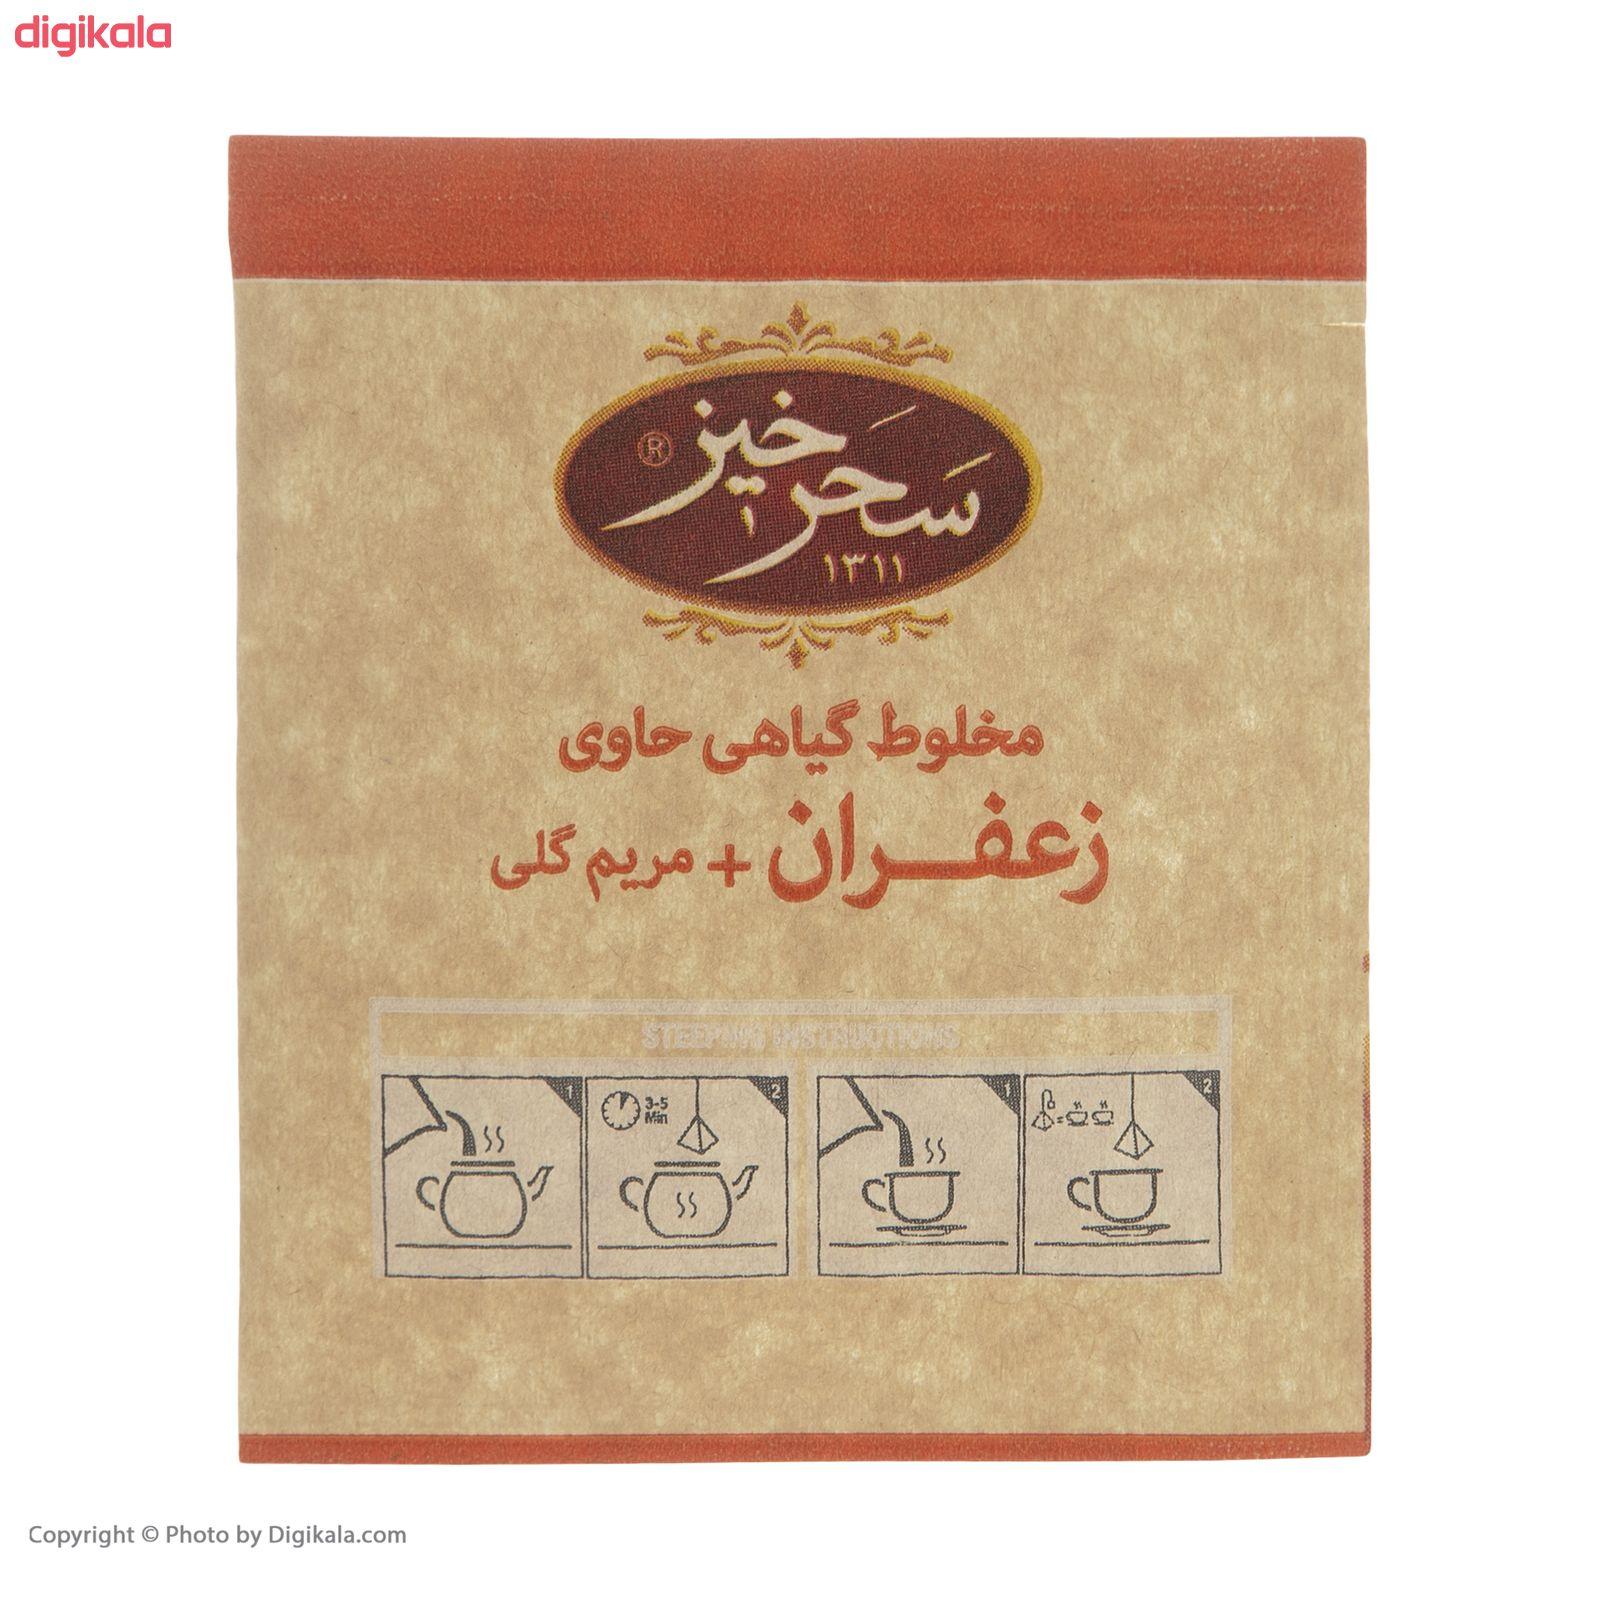 دمنوش مخلوط گیاهی زعفران و مریم گلی سحر خیز  - بسته 12 عددی  main 1 3